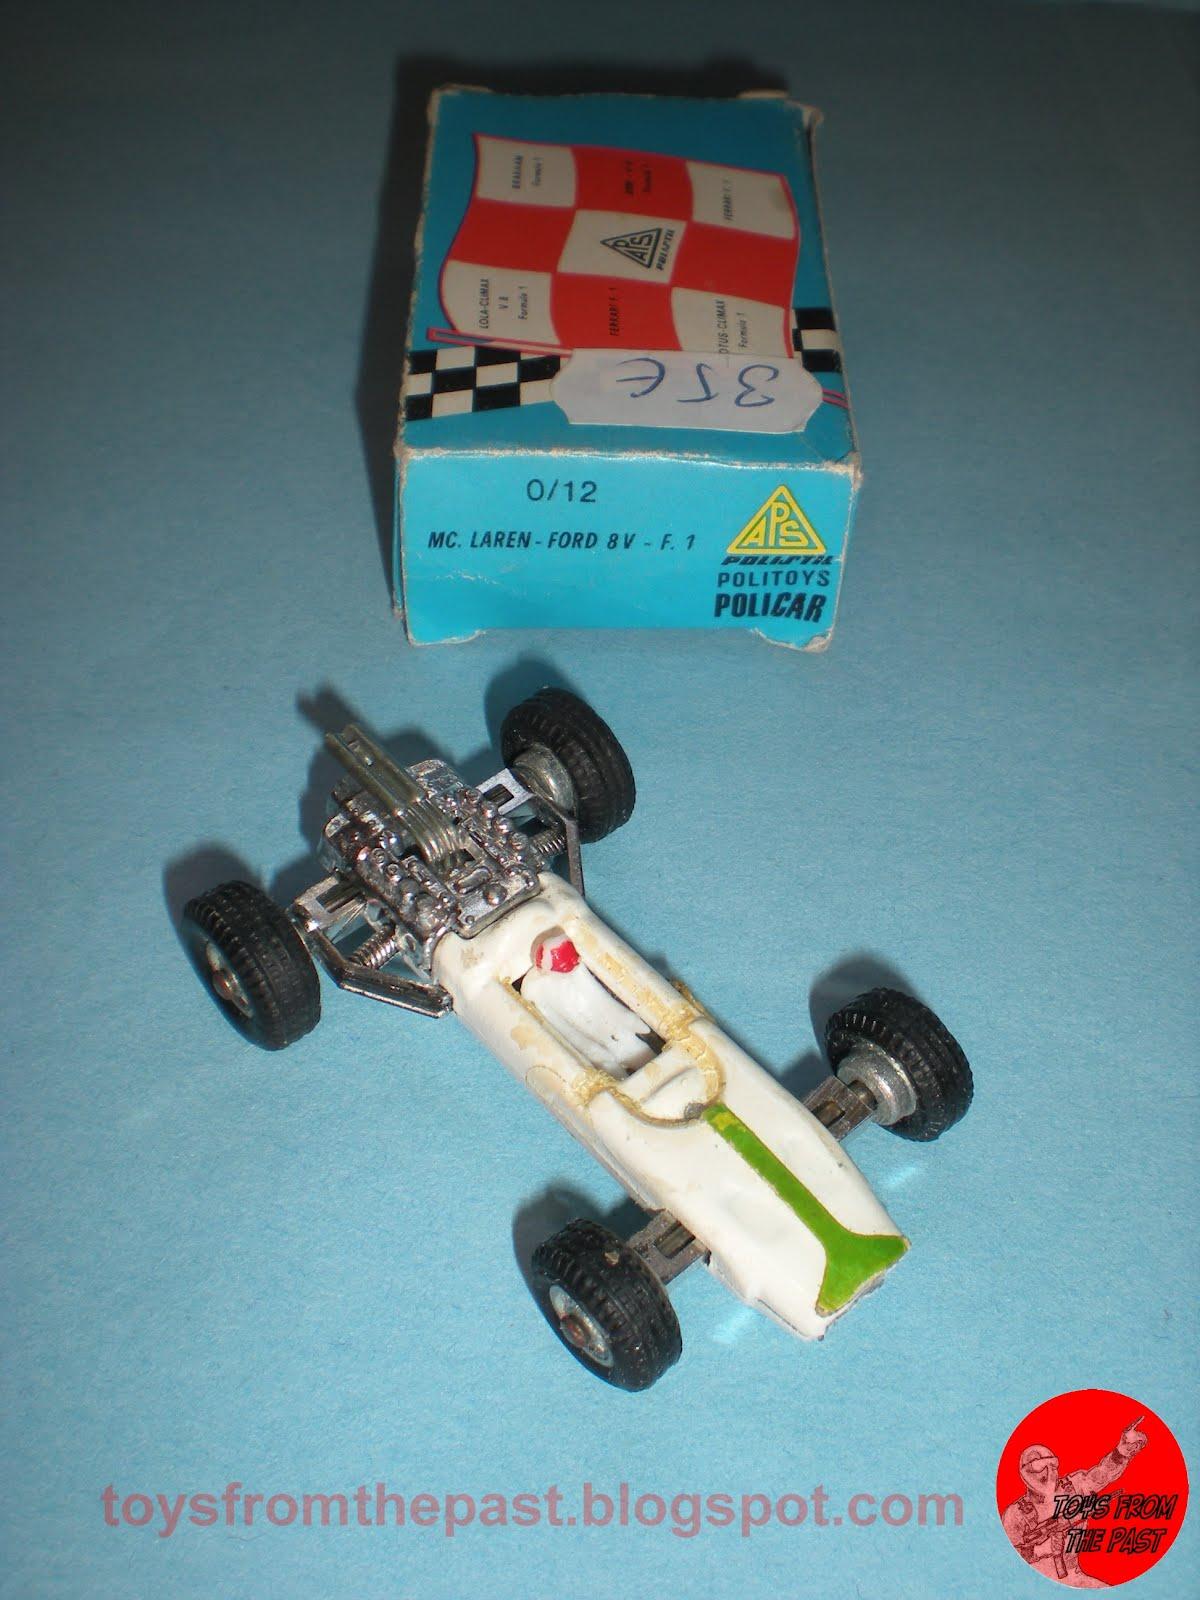 Penny 0/12 Mc. Laren Ford 8V F1 (cc-by-nc-nd 3.0 toysfromthepast)